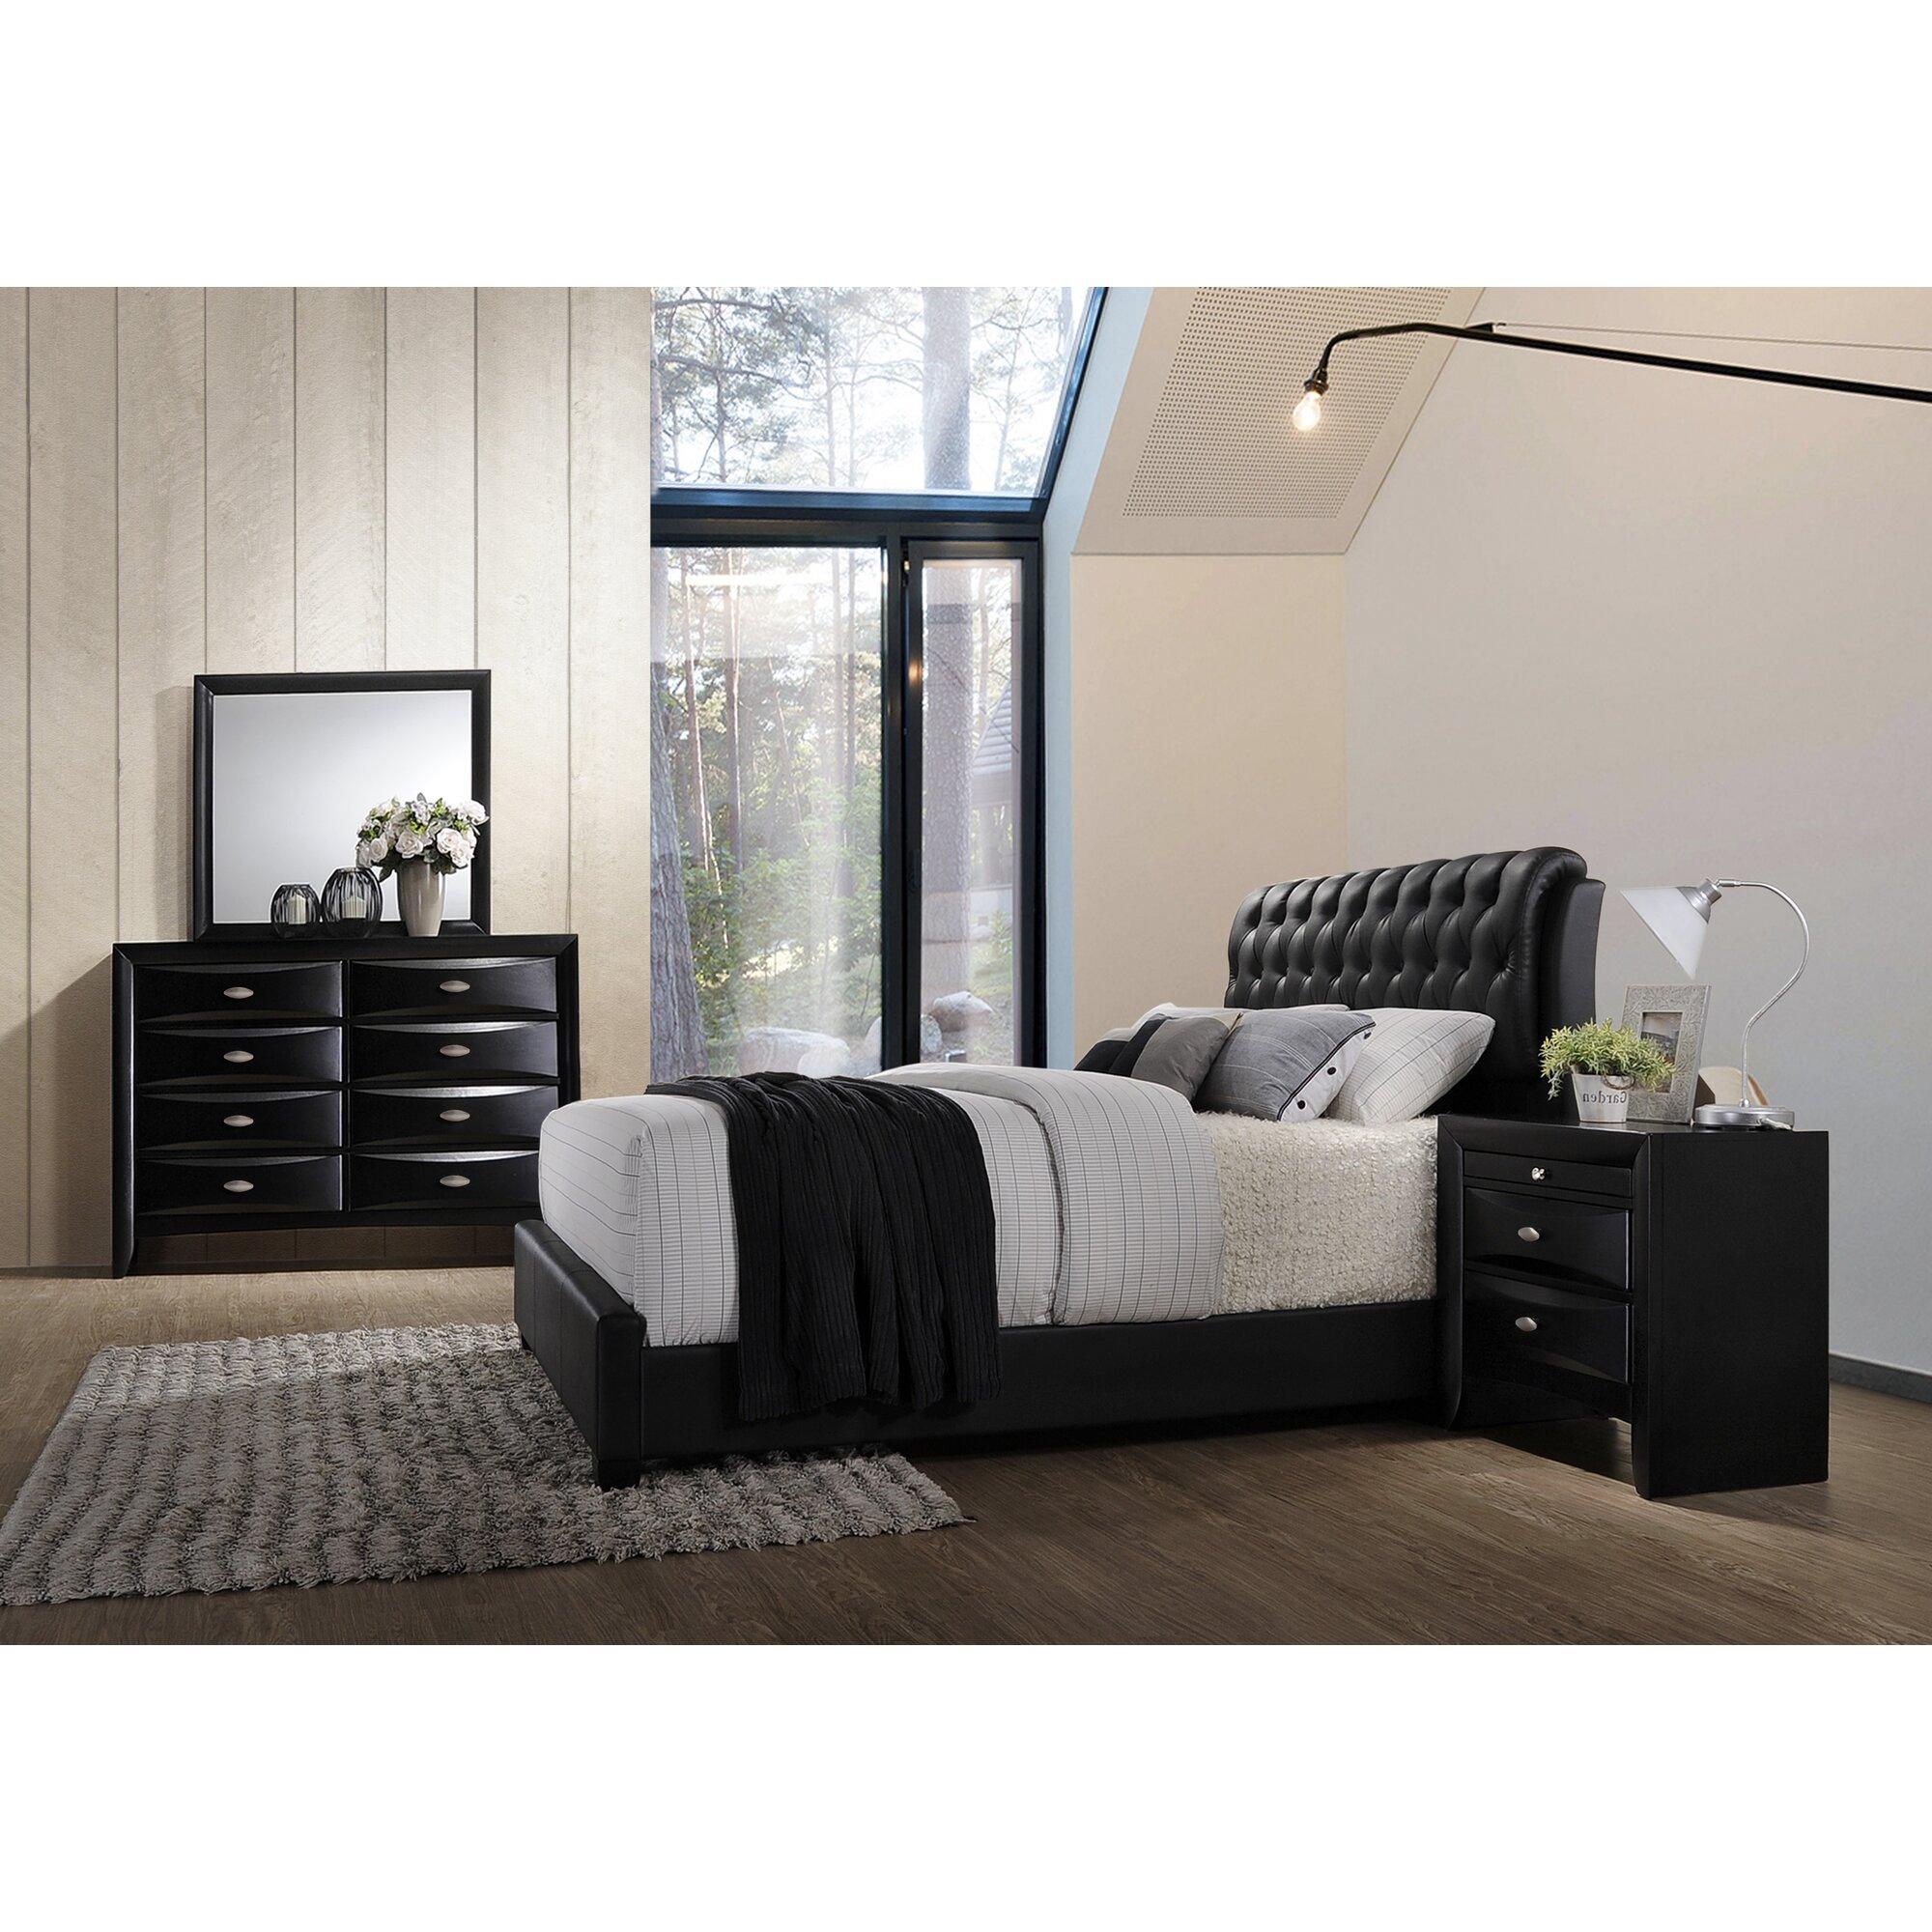 Roundhill Furniture Blemerey Platform 6 Piece Bedroom Set: Roundhill Furniture Blemerey 4 Piece Bedroom Set